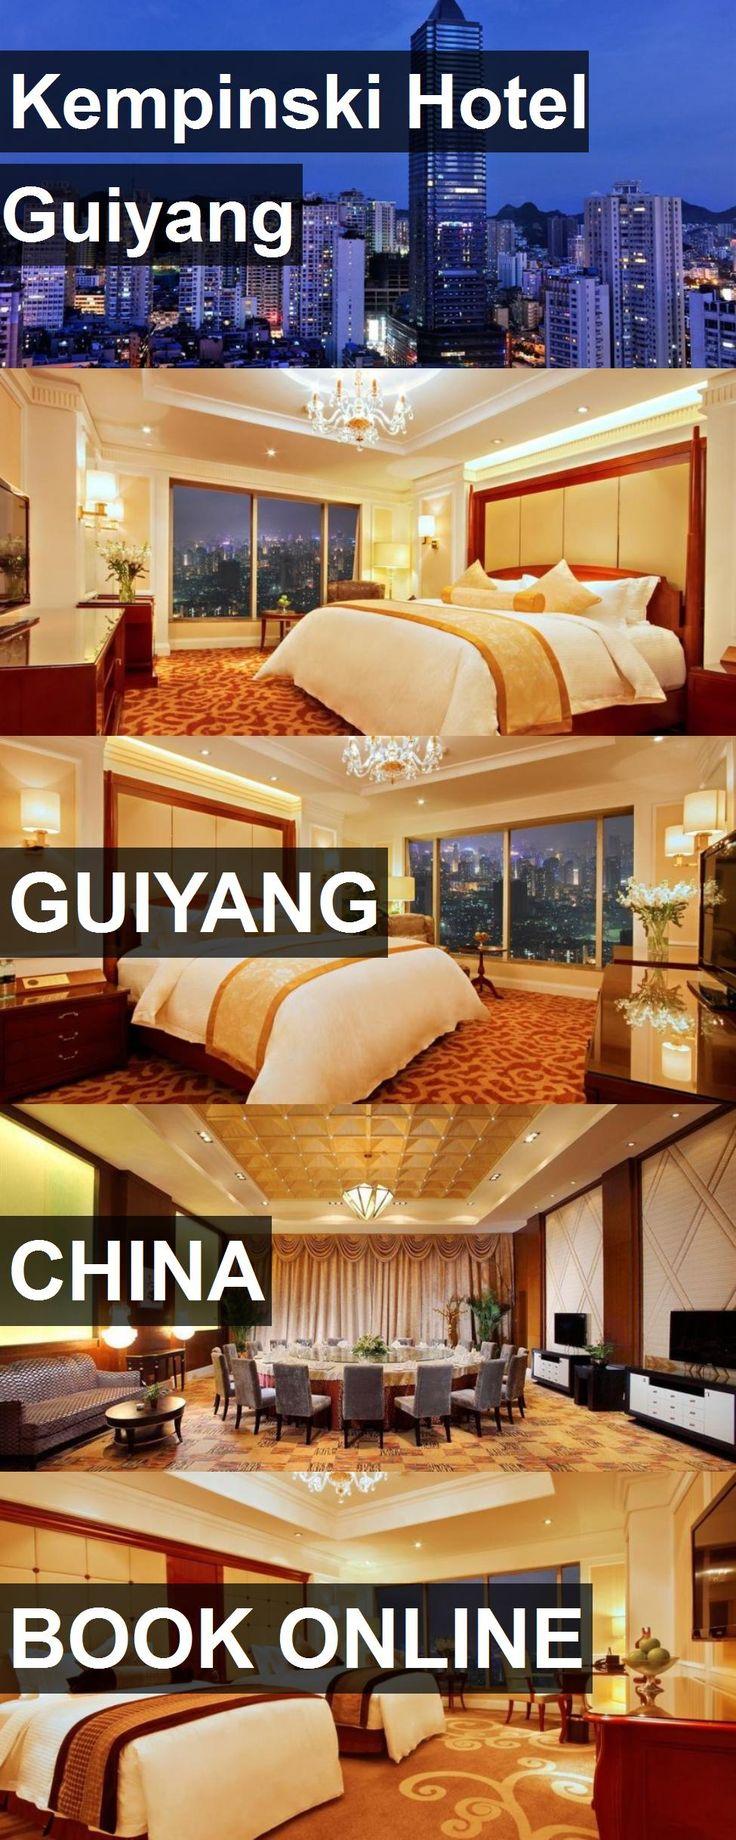 Hotel Kempinski Hotel Guiyang in Guiyang, China. For more information, photos, reviews and best prices please follow the link. #China #Guiyang #KempinskiHotelGuiyang #hotel #travel #vacation